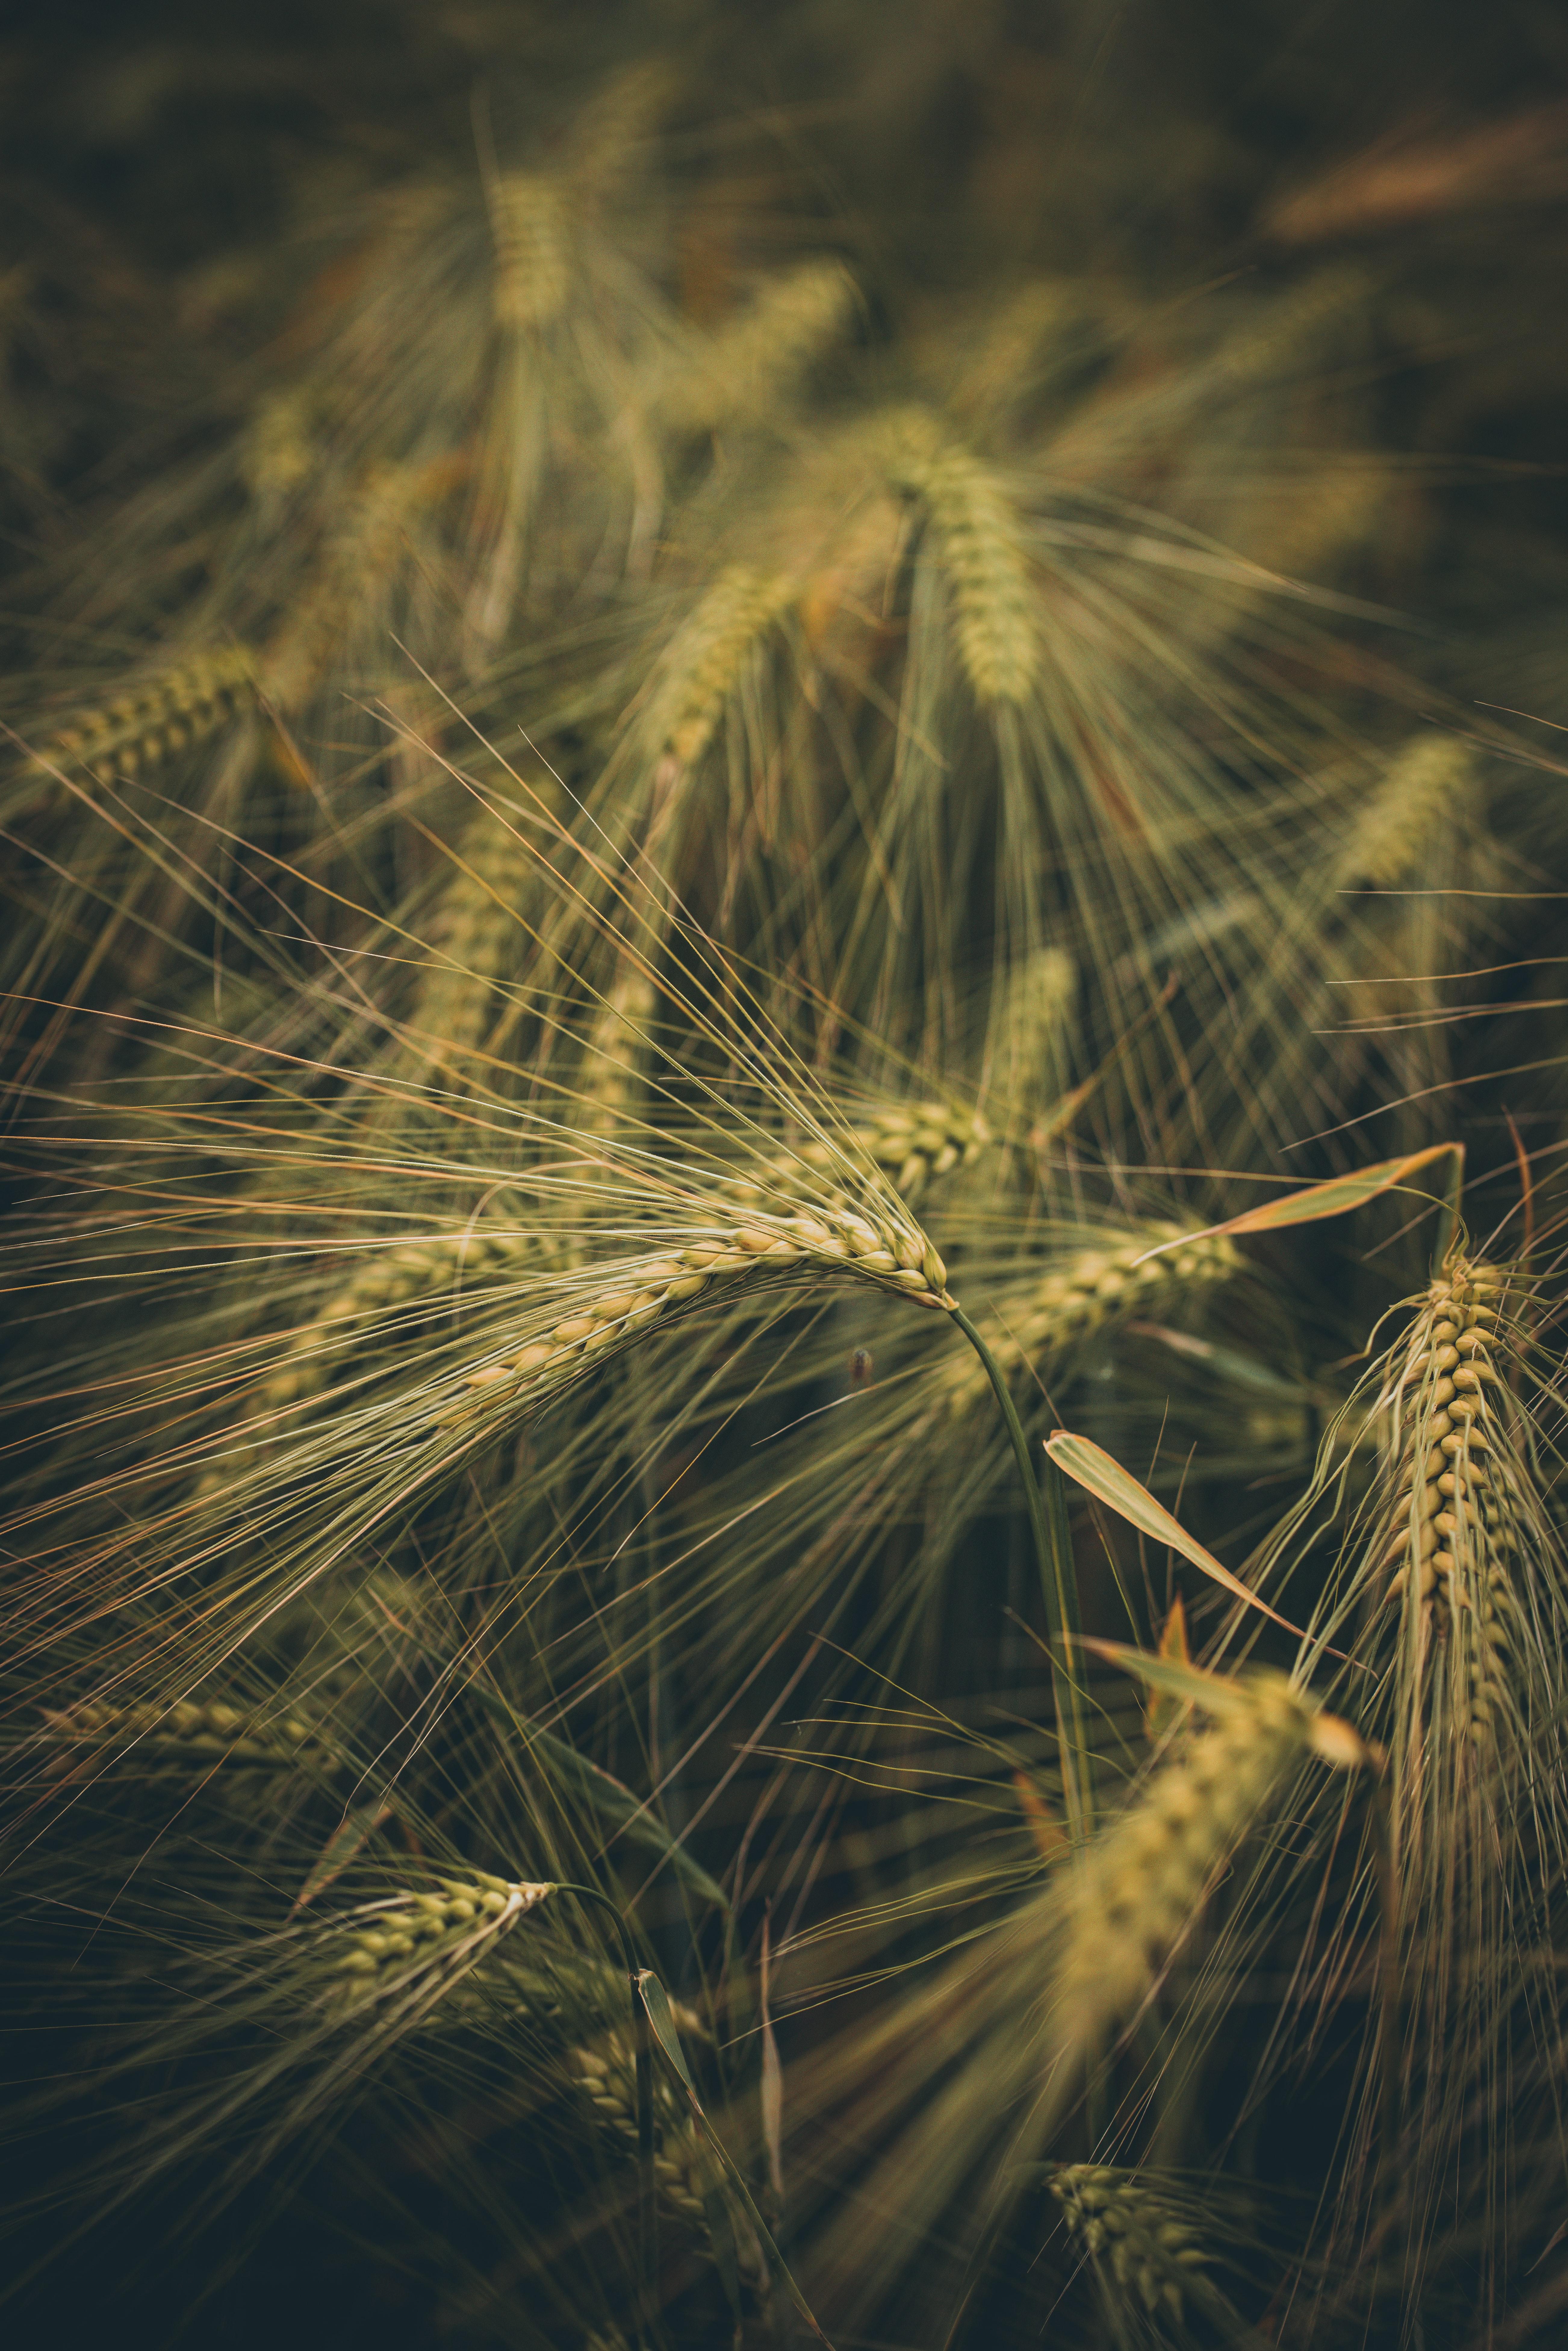 109577 скачать обои Природа, Колосья, Поле, Трава, Пшеница - заставки и картинки бесплатно